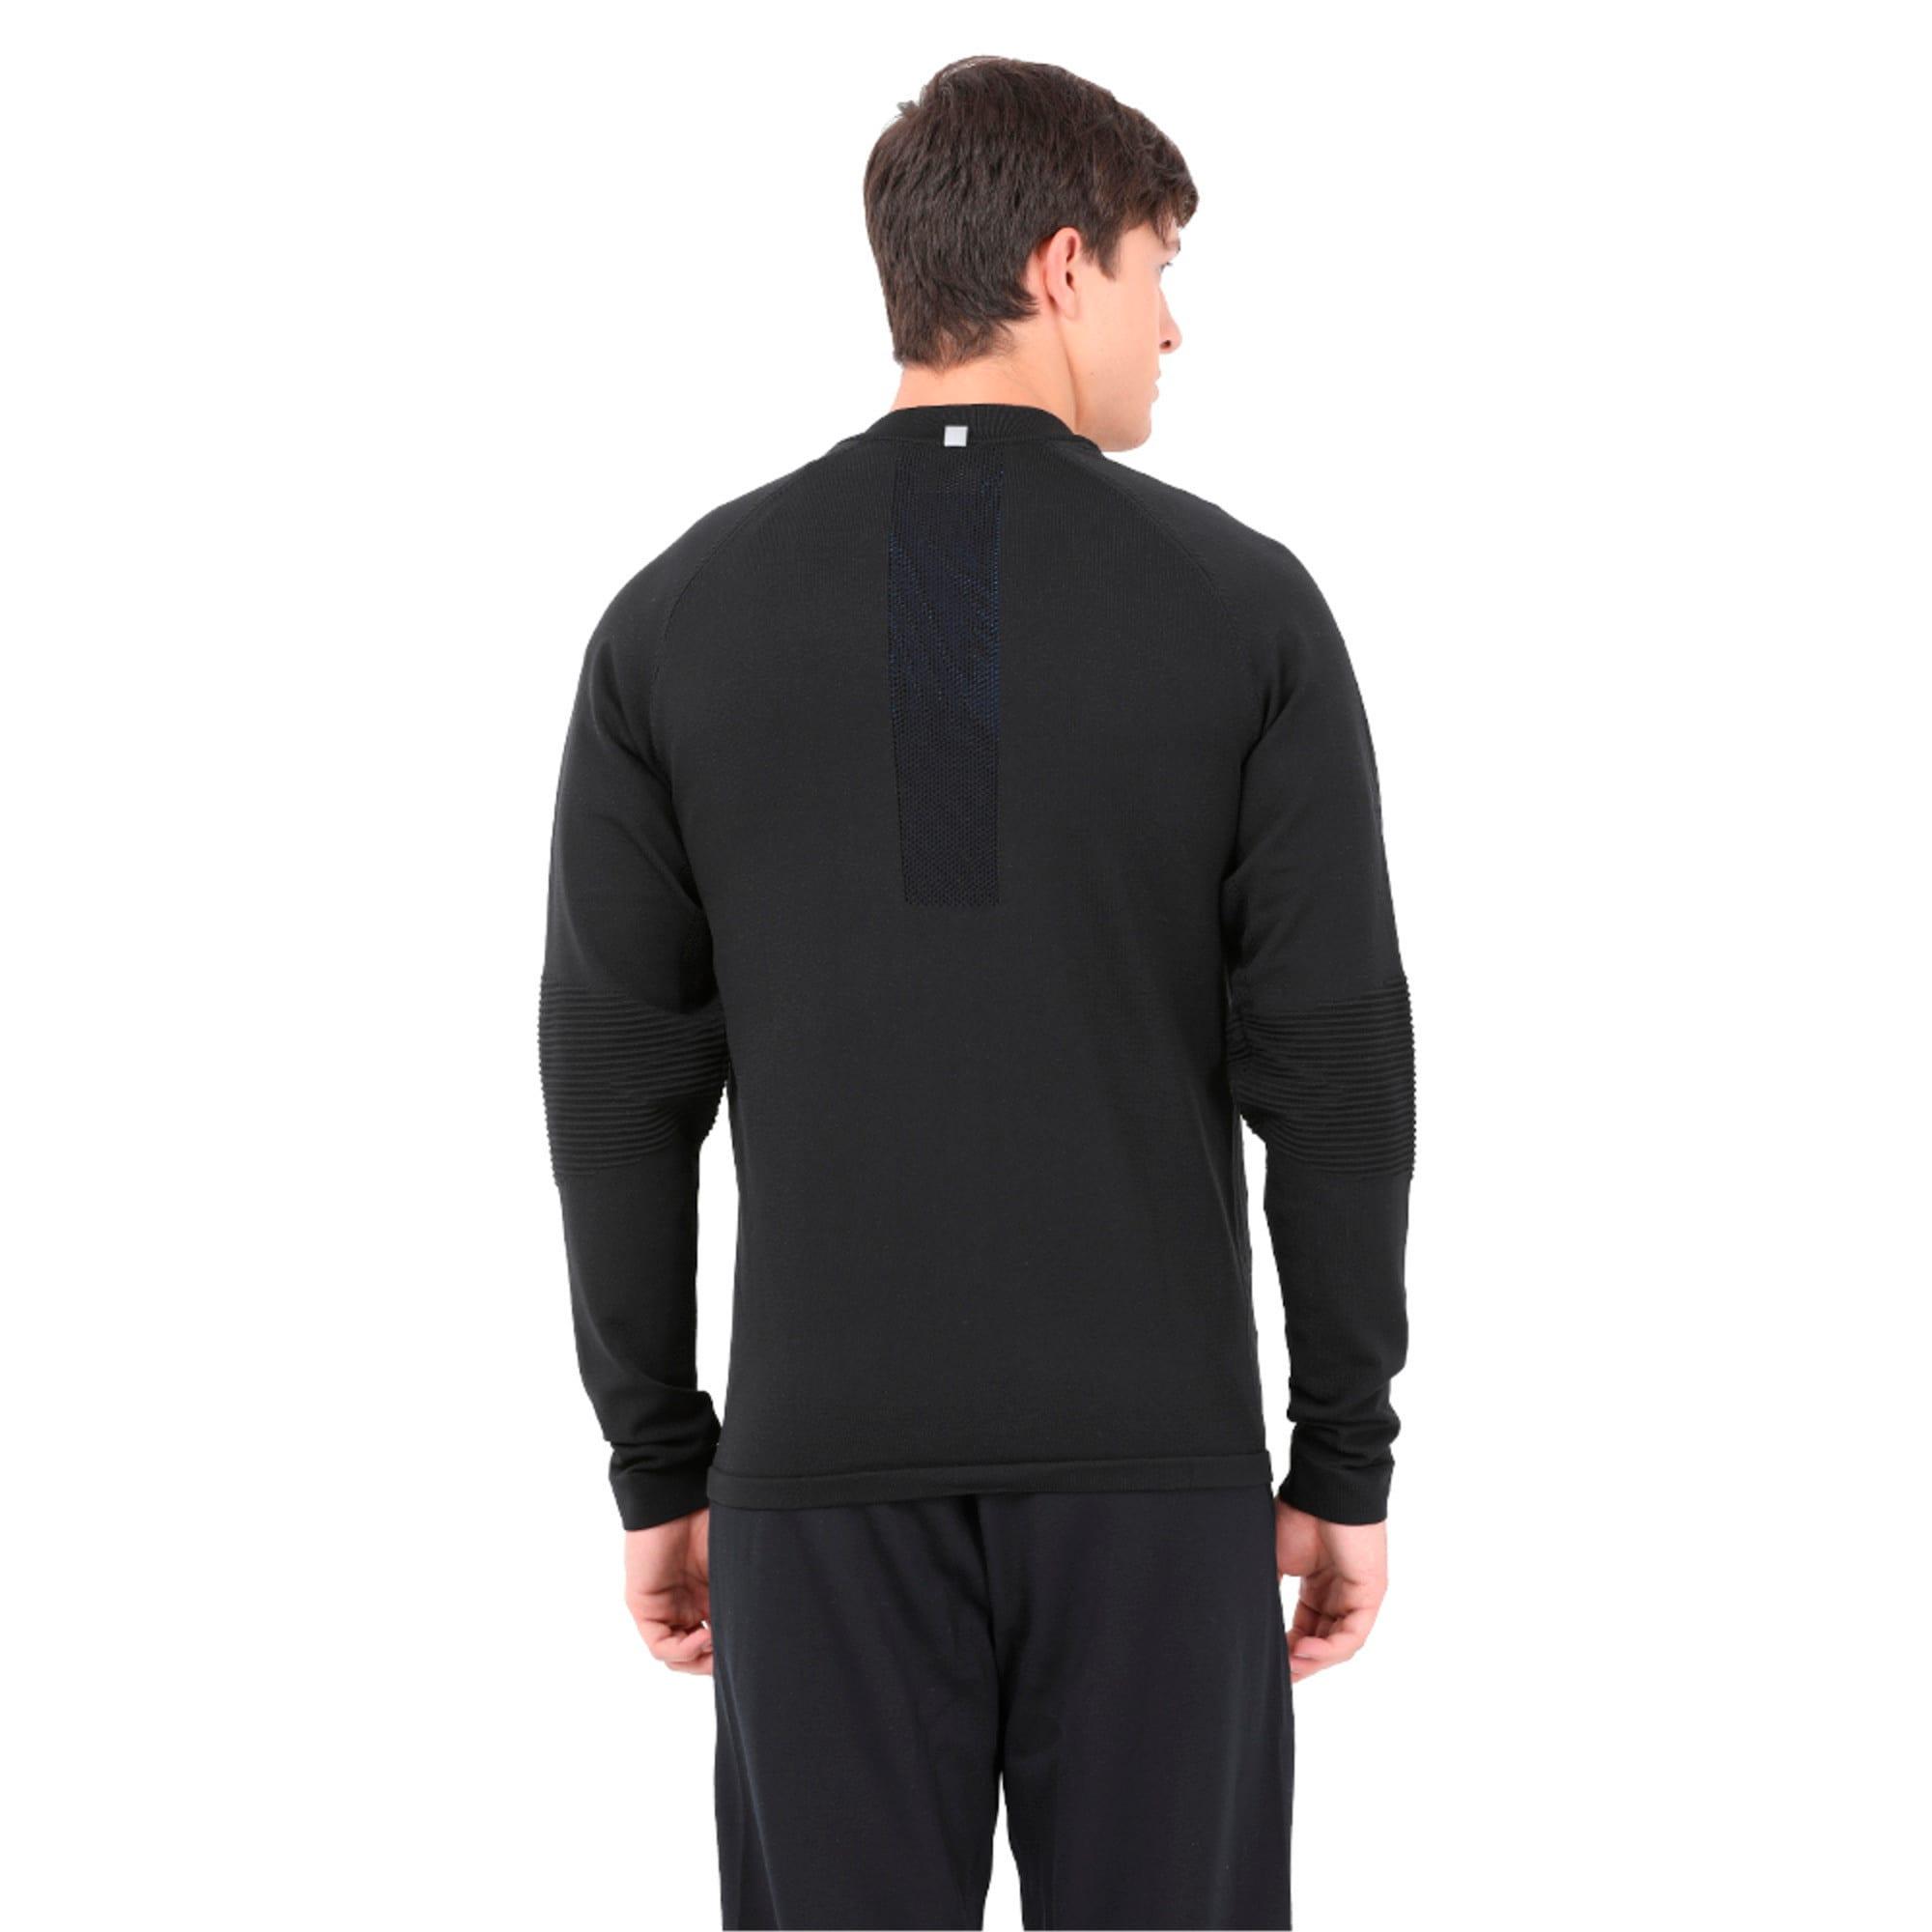 Thumbnail 2 of Running Men's evoKNIT Padded Jacket, Puma Black, medium-IND